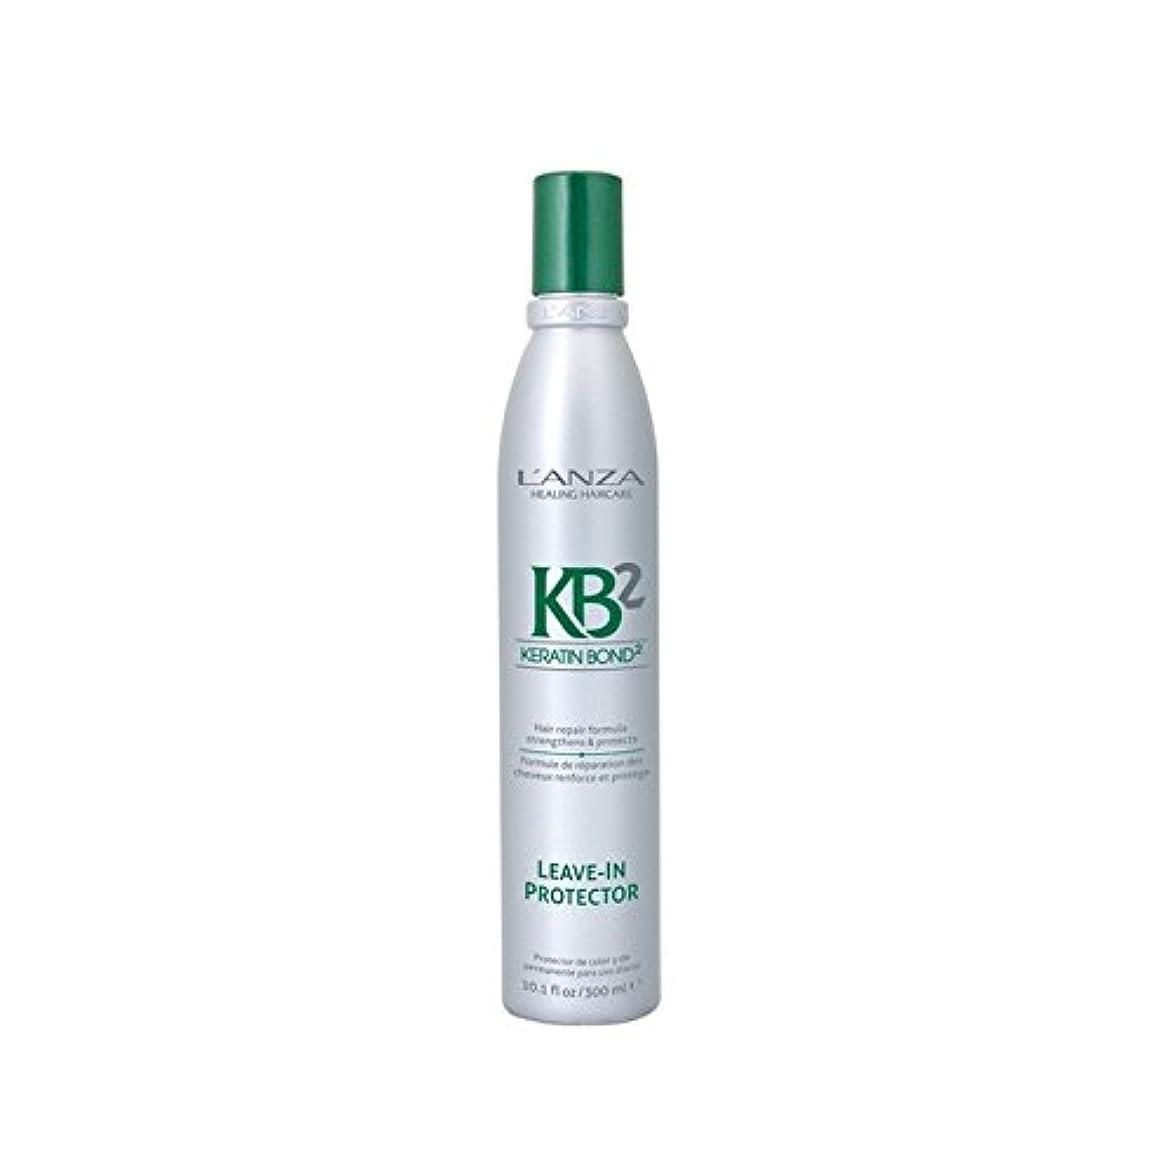 知事豆腐アーチアンザはプロテクターヘアトリートメント(300ミリリットル)に残し2 x2 - L'Anza Kb2 Leave In Protector Hair Treatment (300ml) (Pack of 2) [並行輸入品]